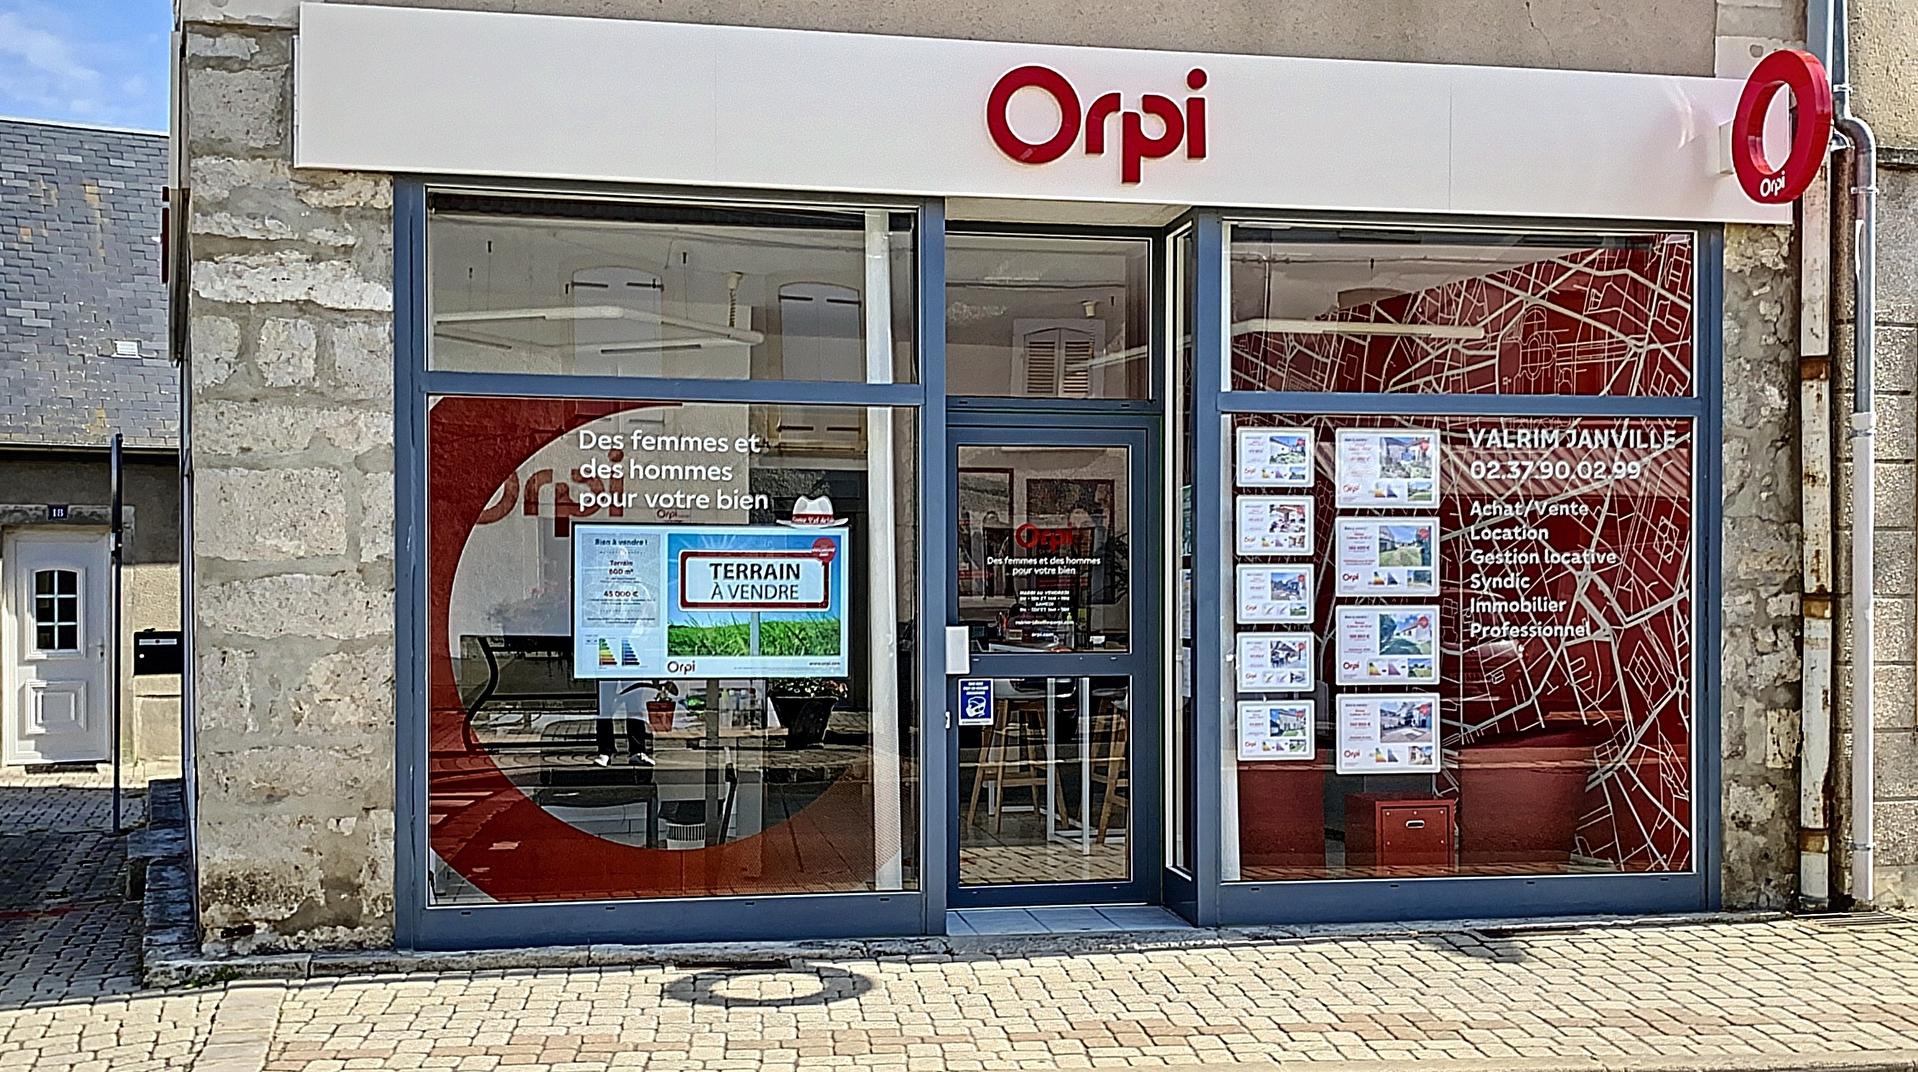 Agence Orpi Valrim Janville